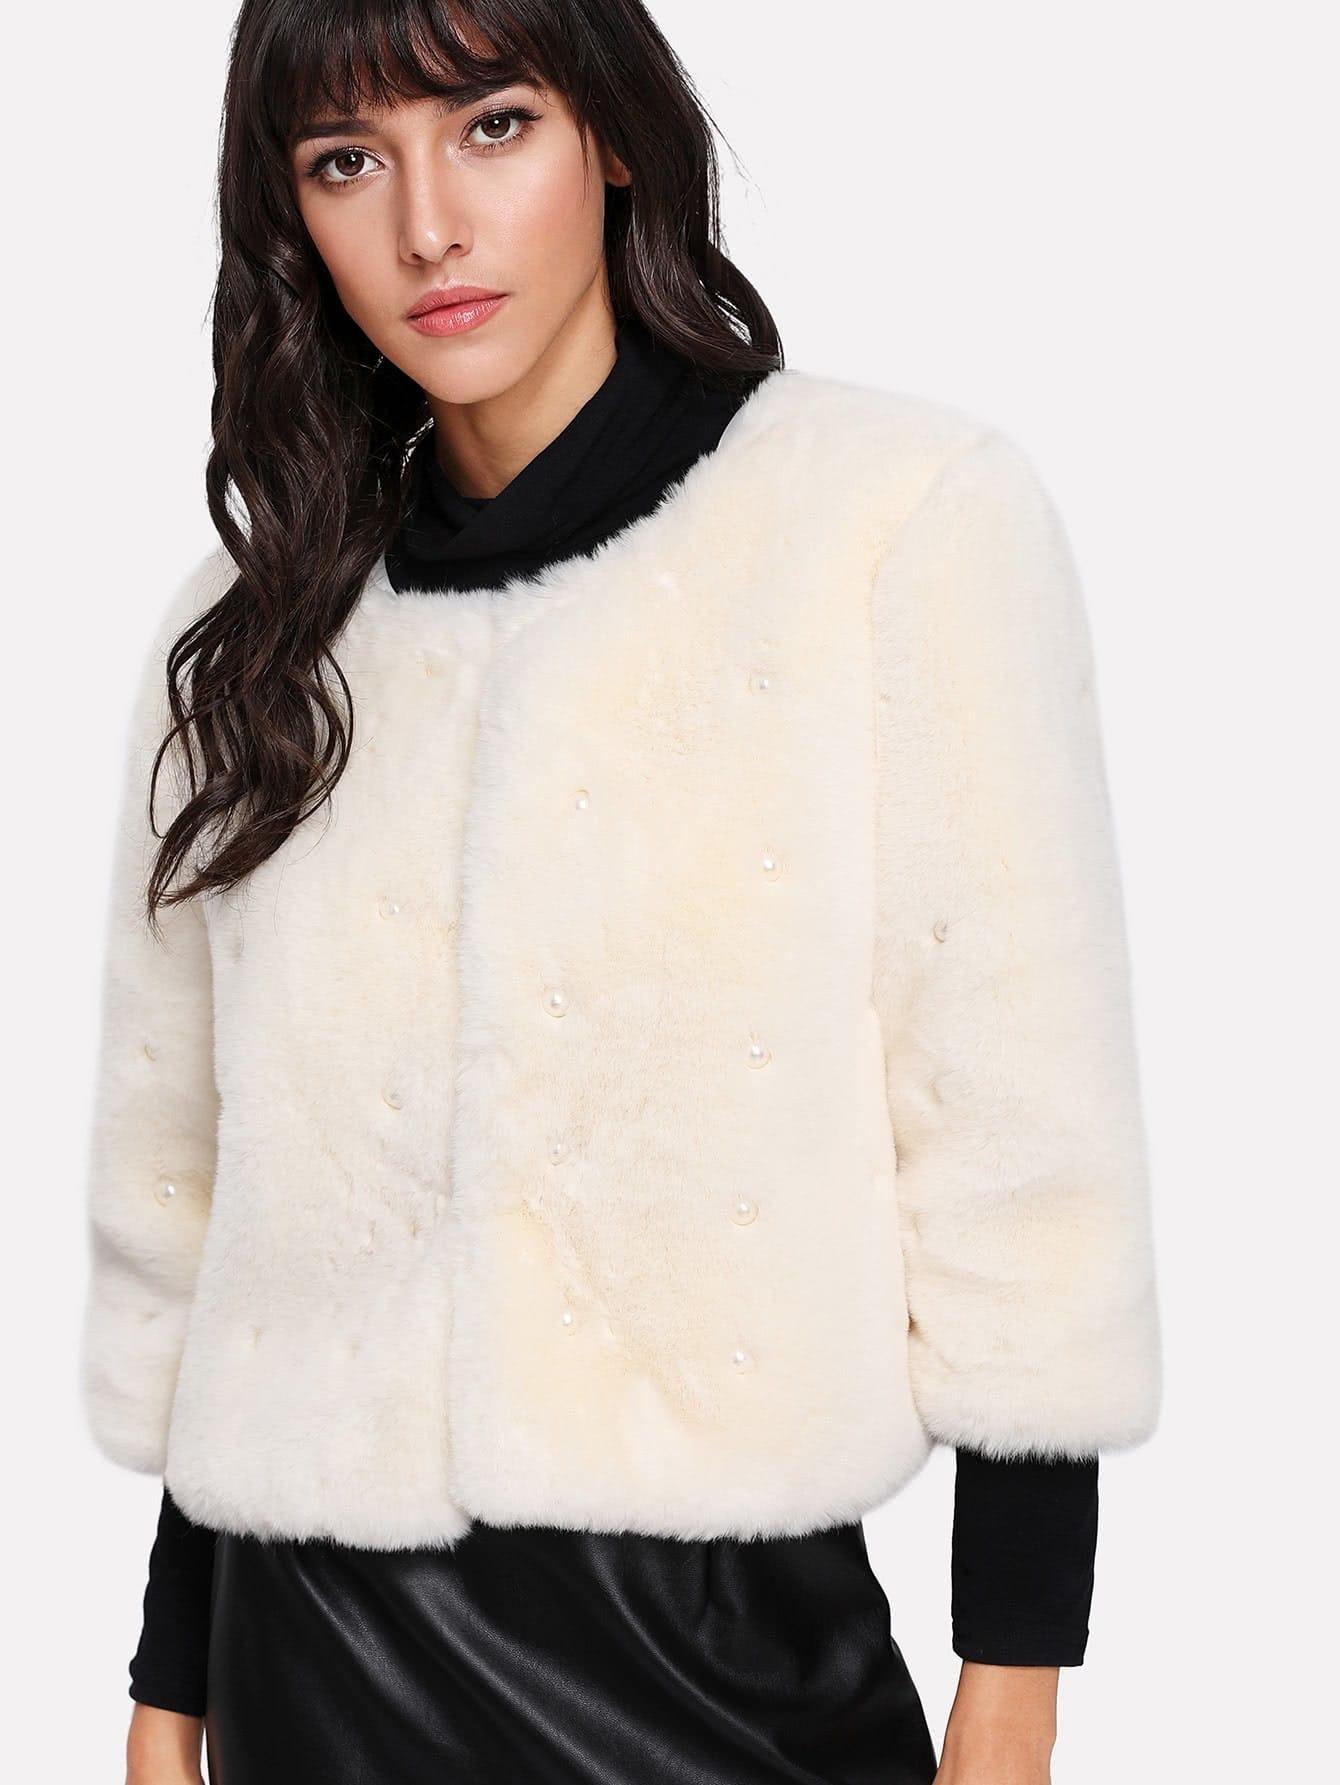 Pearl Beading Faux Fur Coat